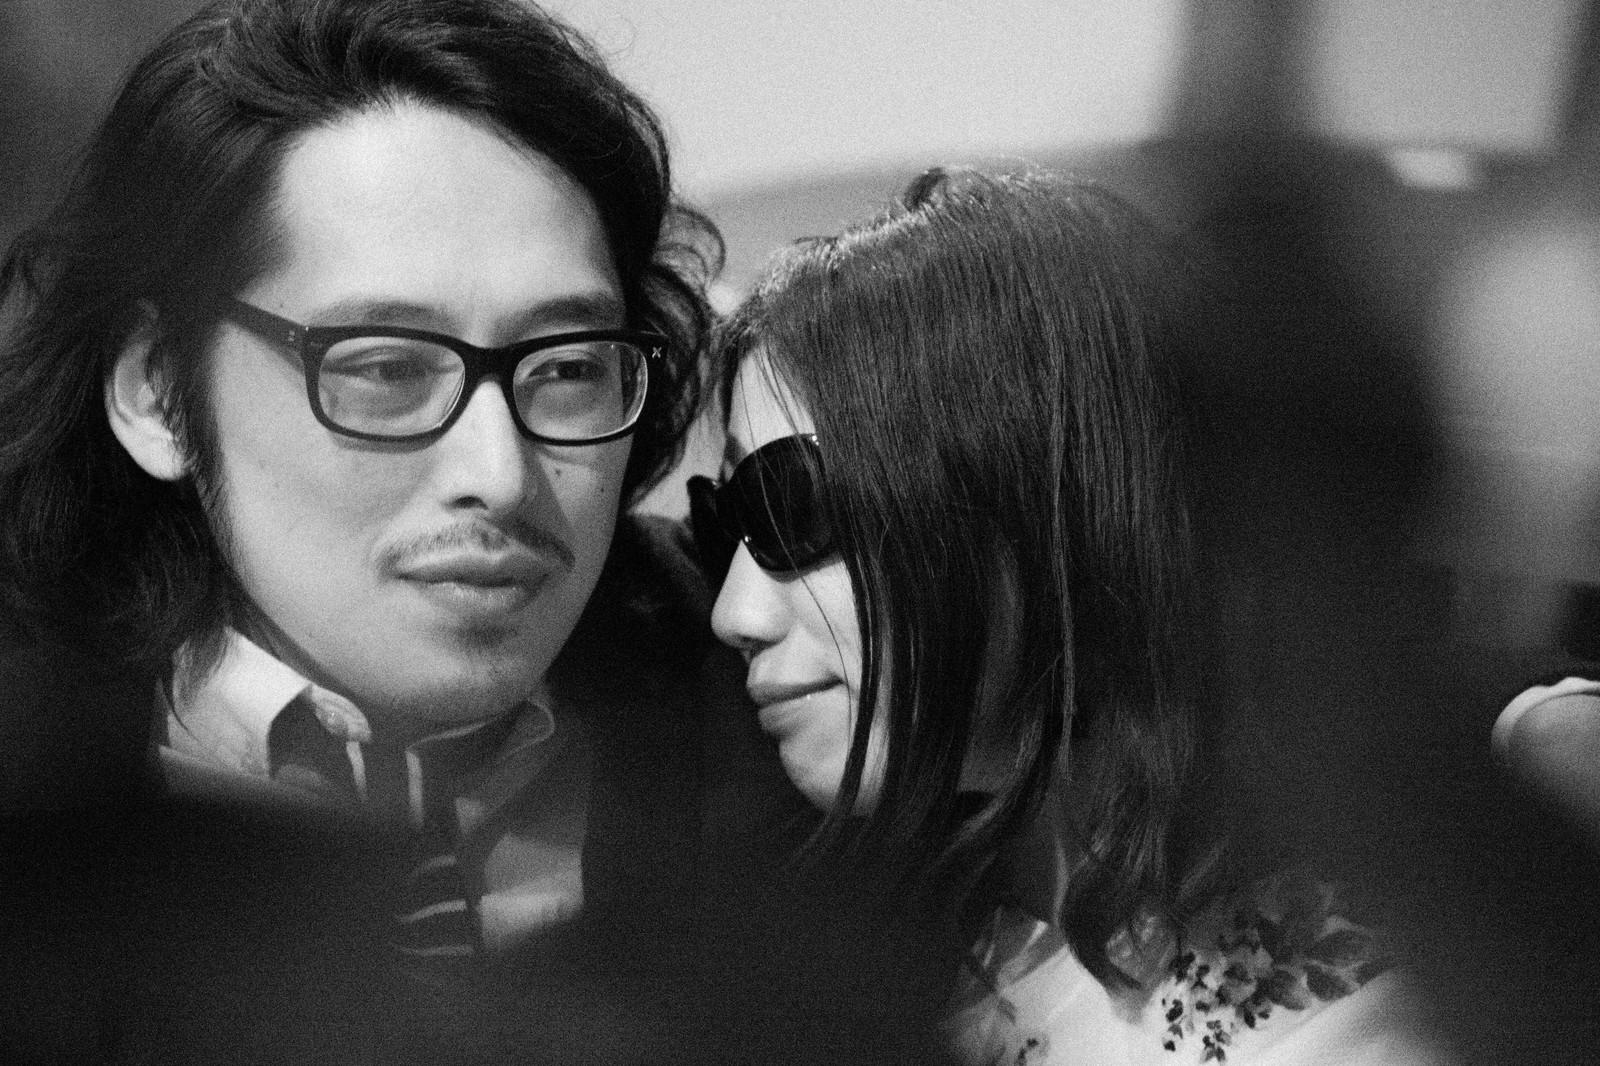 橋本健(神戸市議)の離婚が近く別居中の理由!今井絵理子と新しい人生を歩めるか?